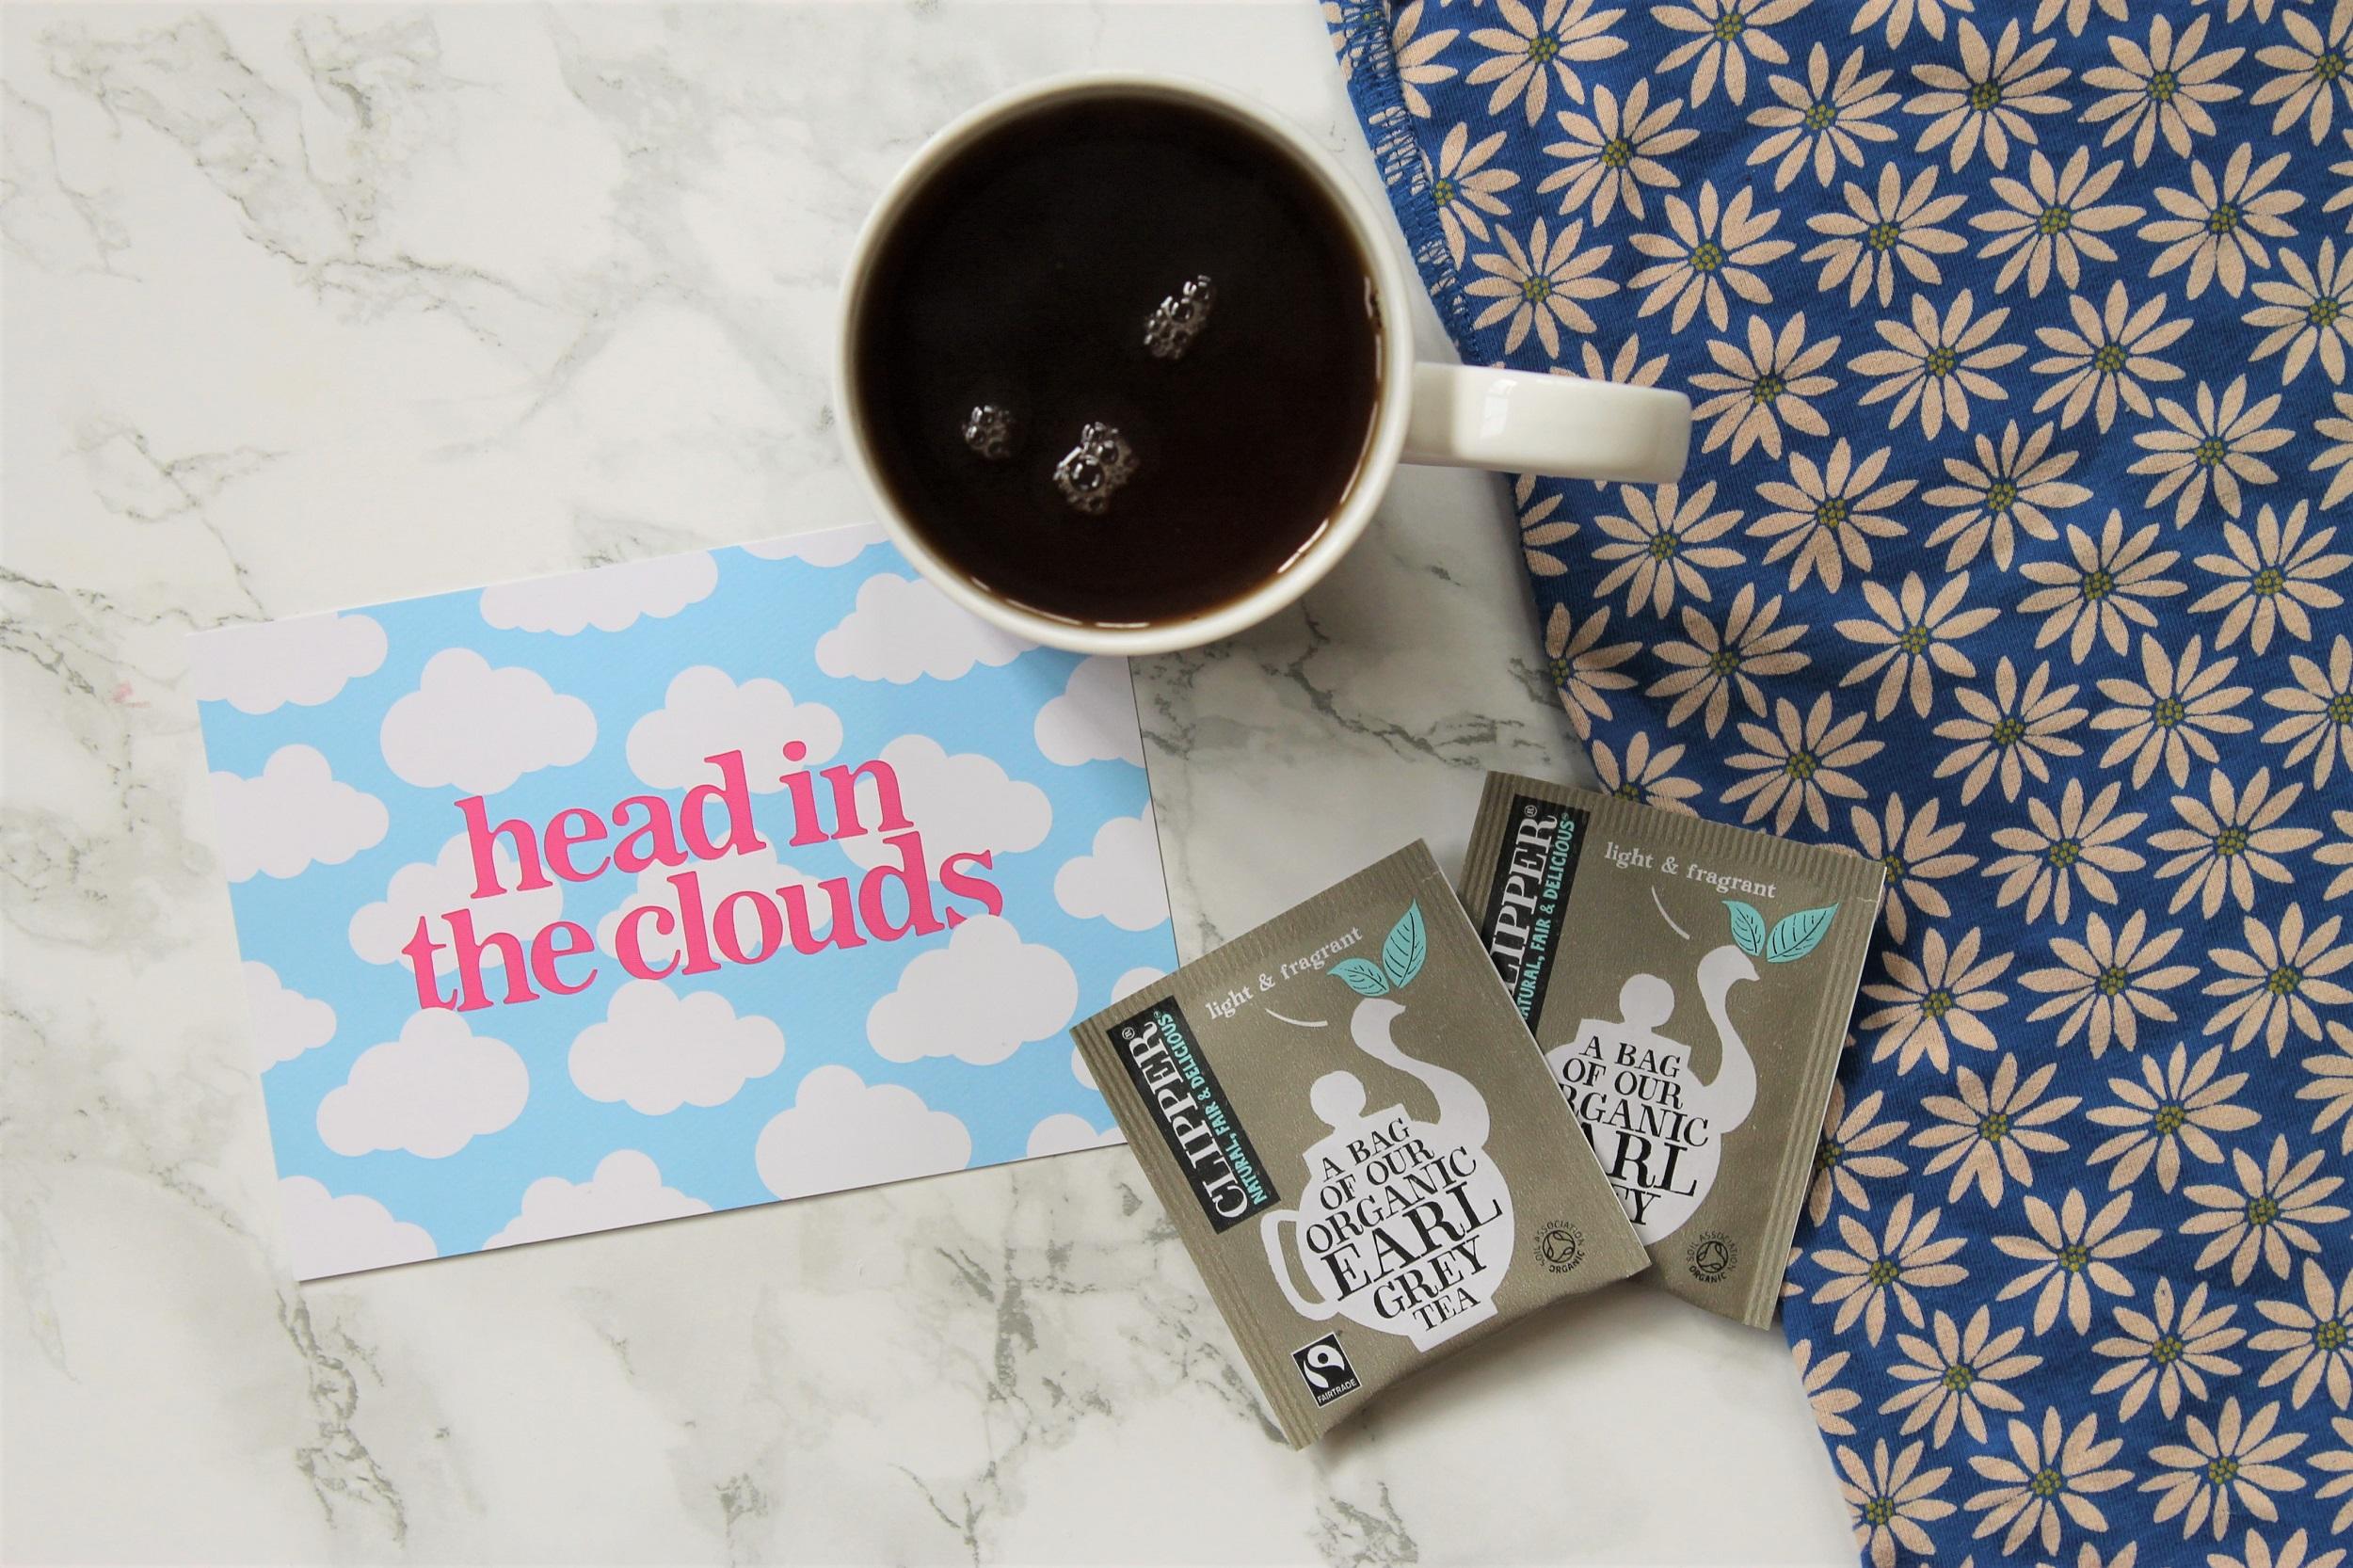 Clipper Organic Earl Grey Tea Review